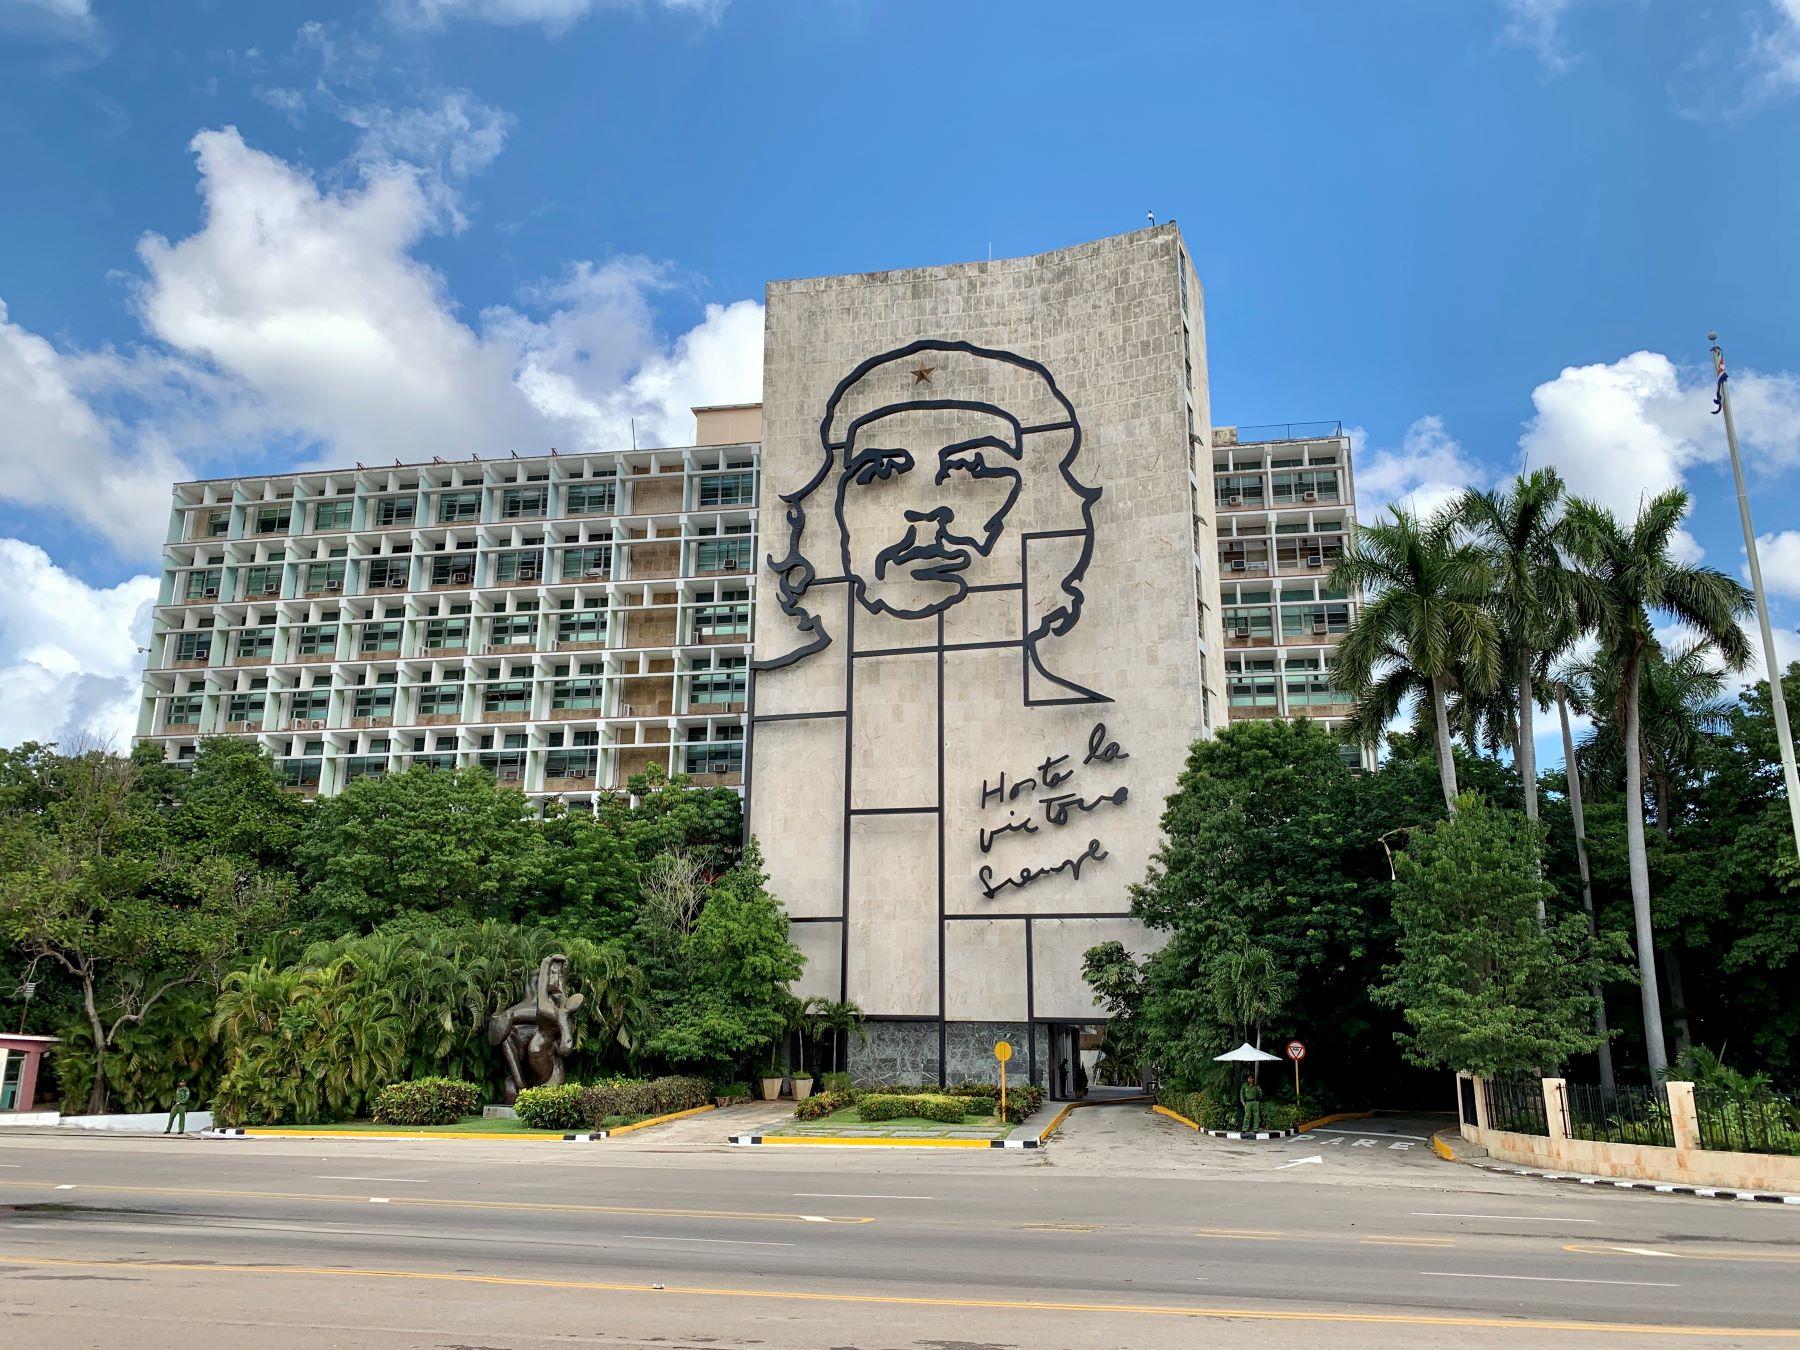 Mit dem Oldtimer gelangt man schnell an den außerhalb des Stadtzentrums liegenden Plaza de la Revolución.